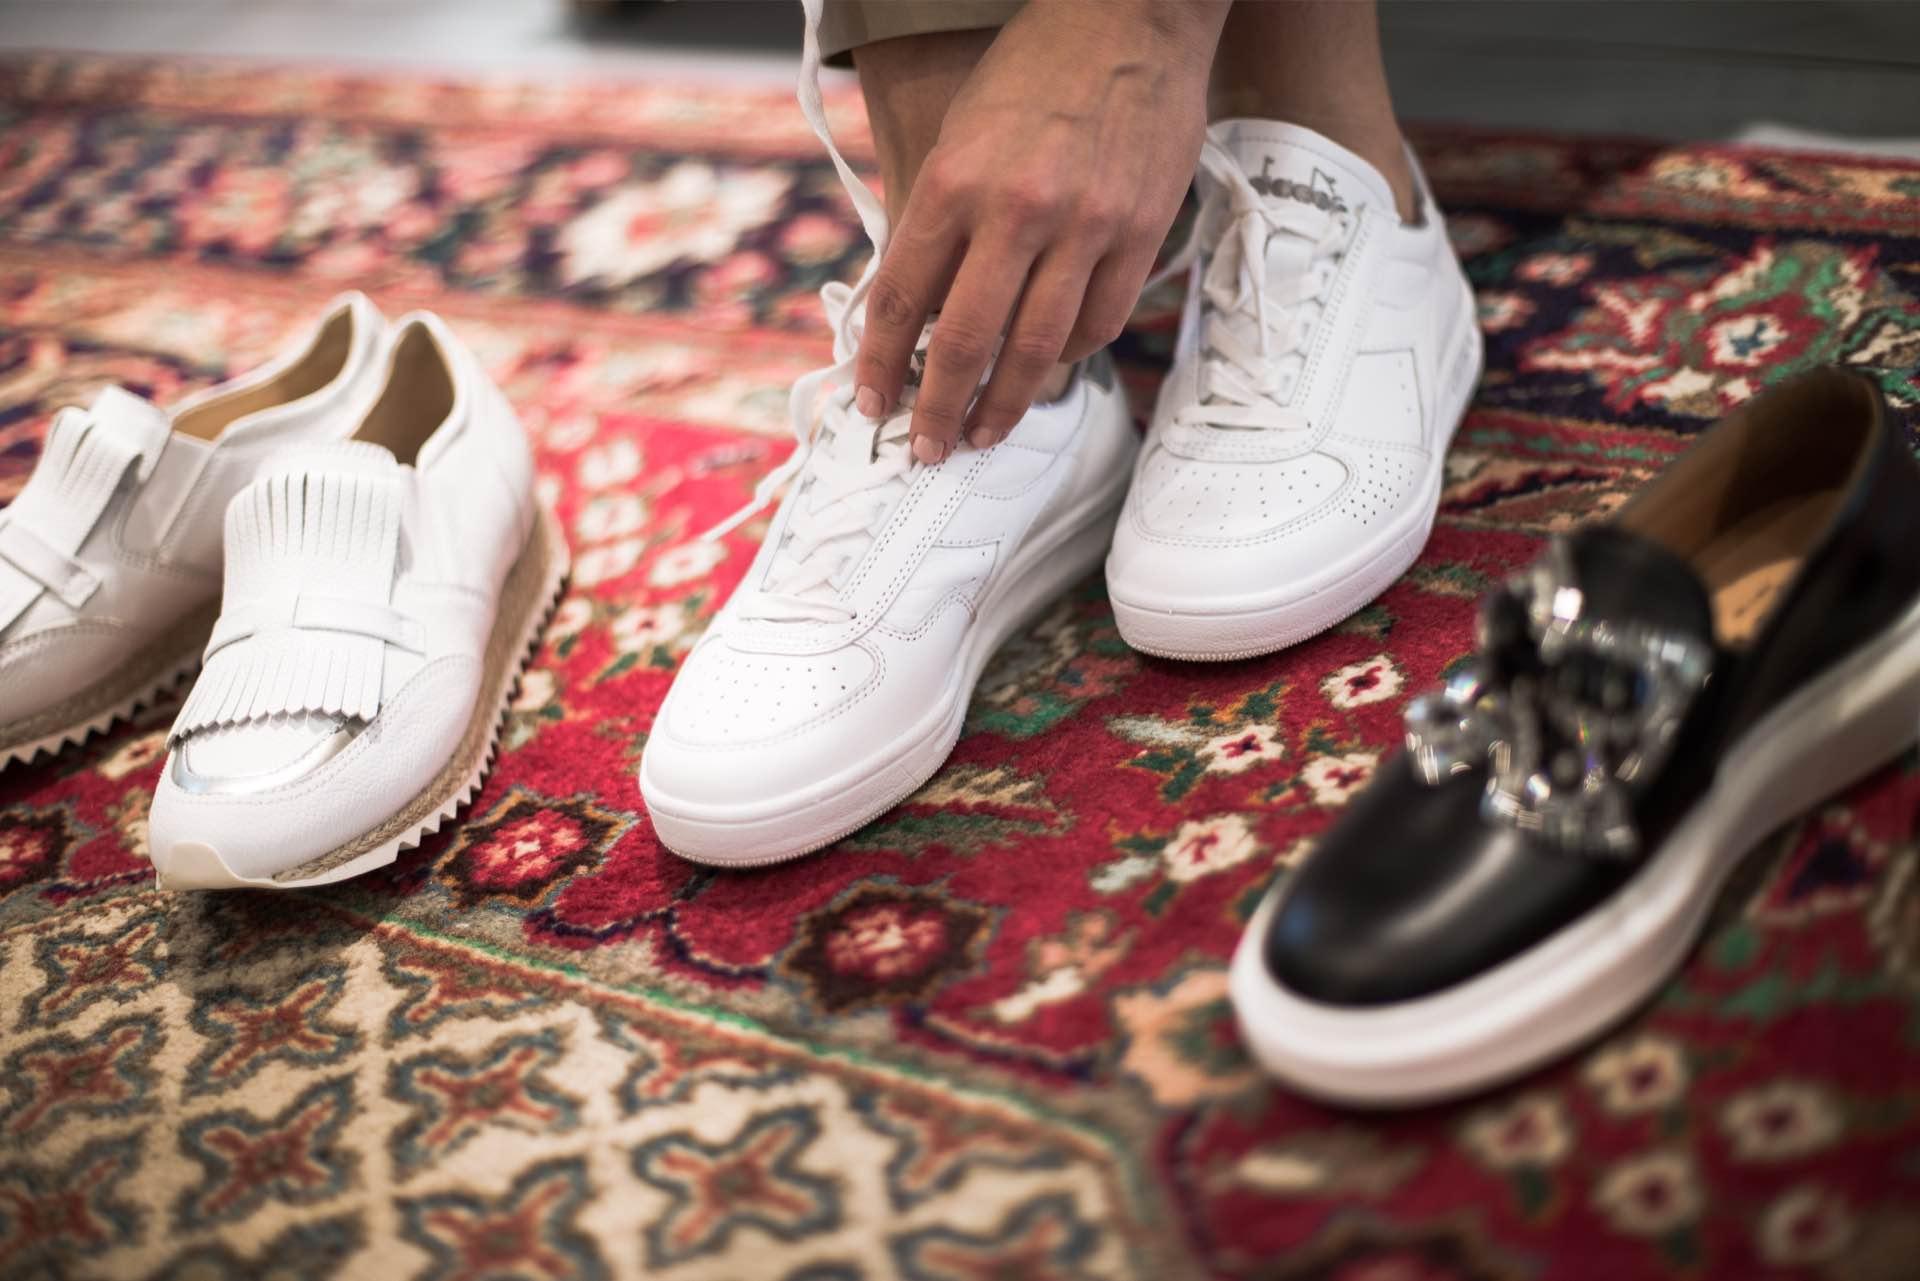 Abbigliamento e scarpe donna Trento